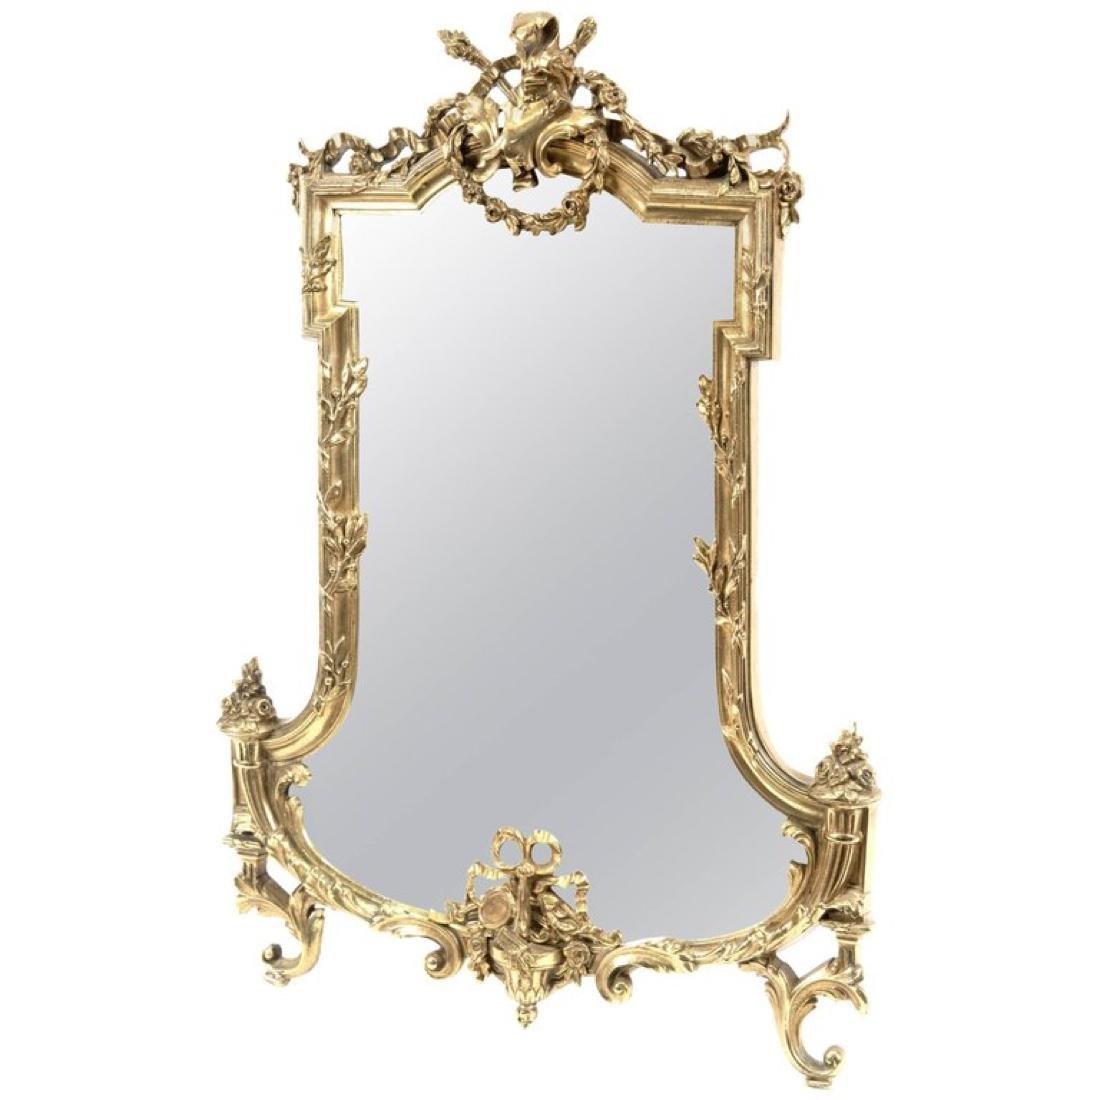 French Louis XVI-Style Ormolu Table-top Mirror